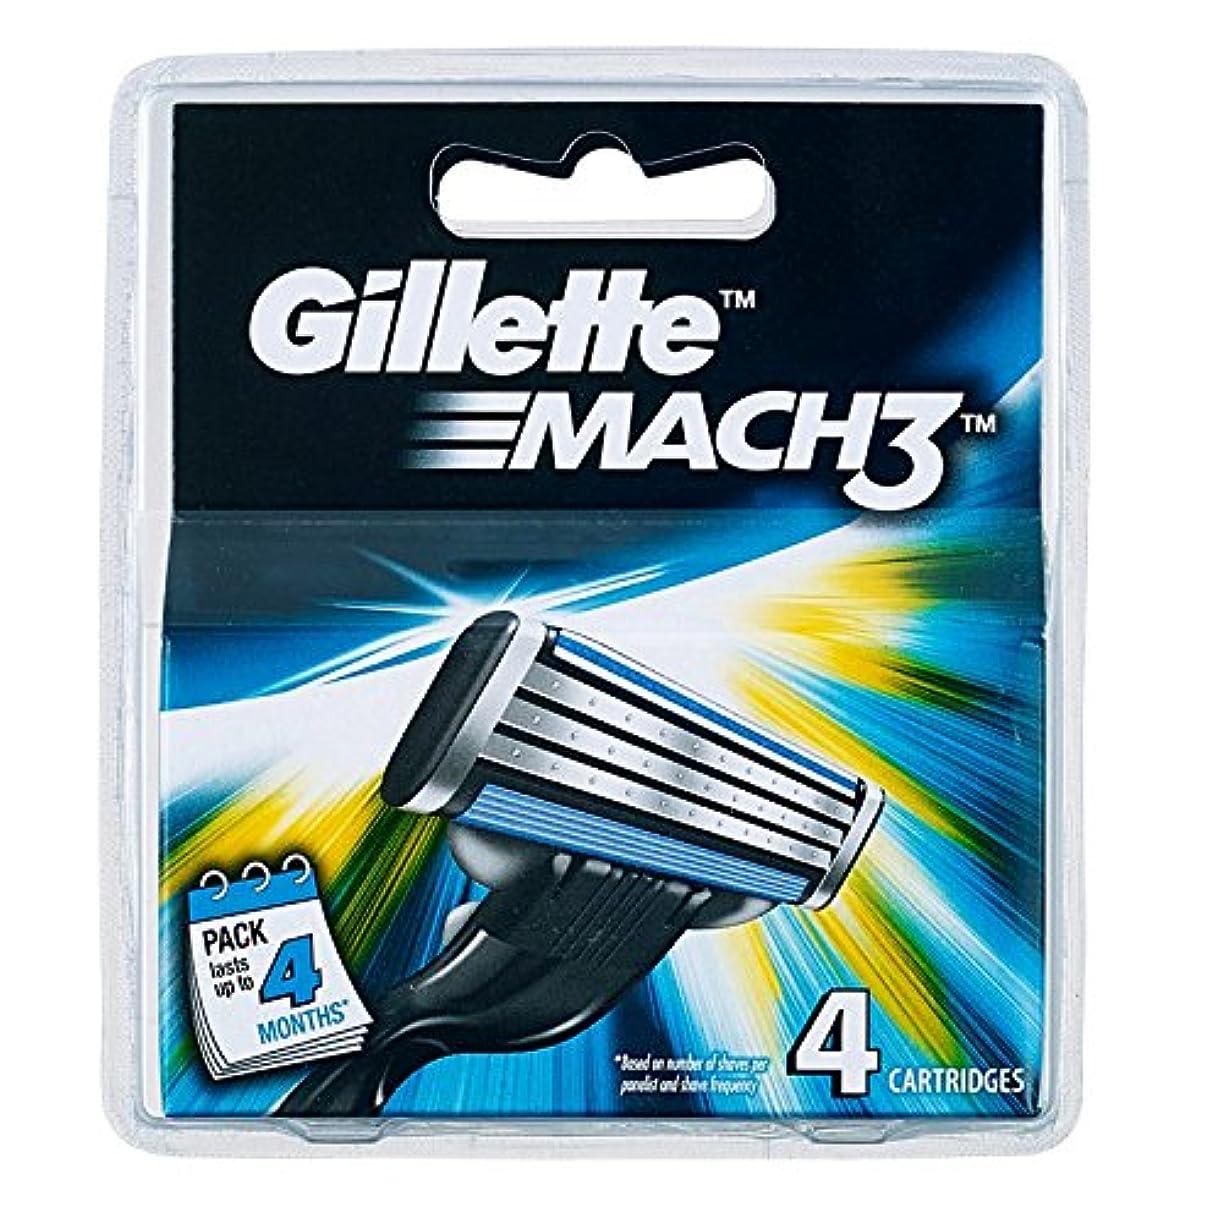 複数プレフィックストレーニングGillette MACH3 SHAVING RAZOR CARTRIDGES BLADES 4 Pack [並行輸入品]